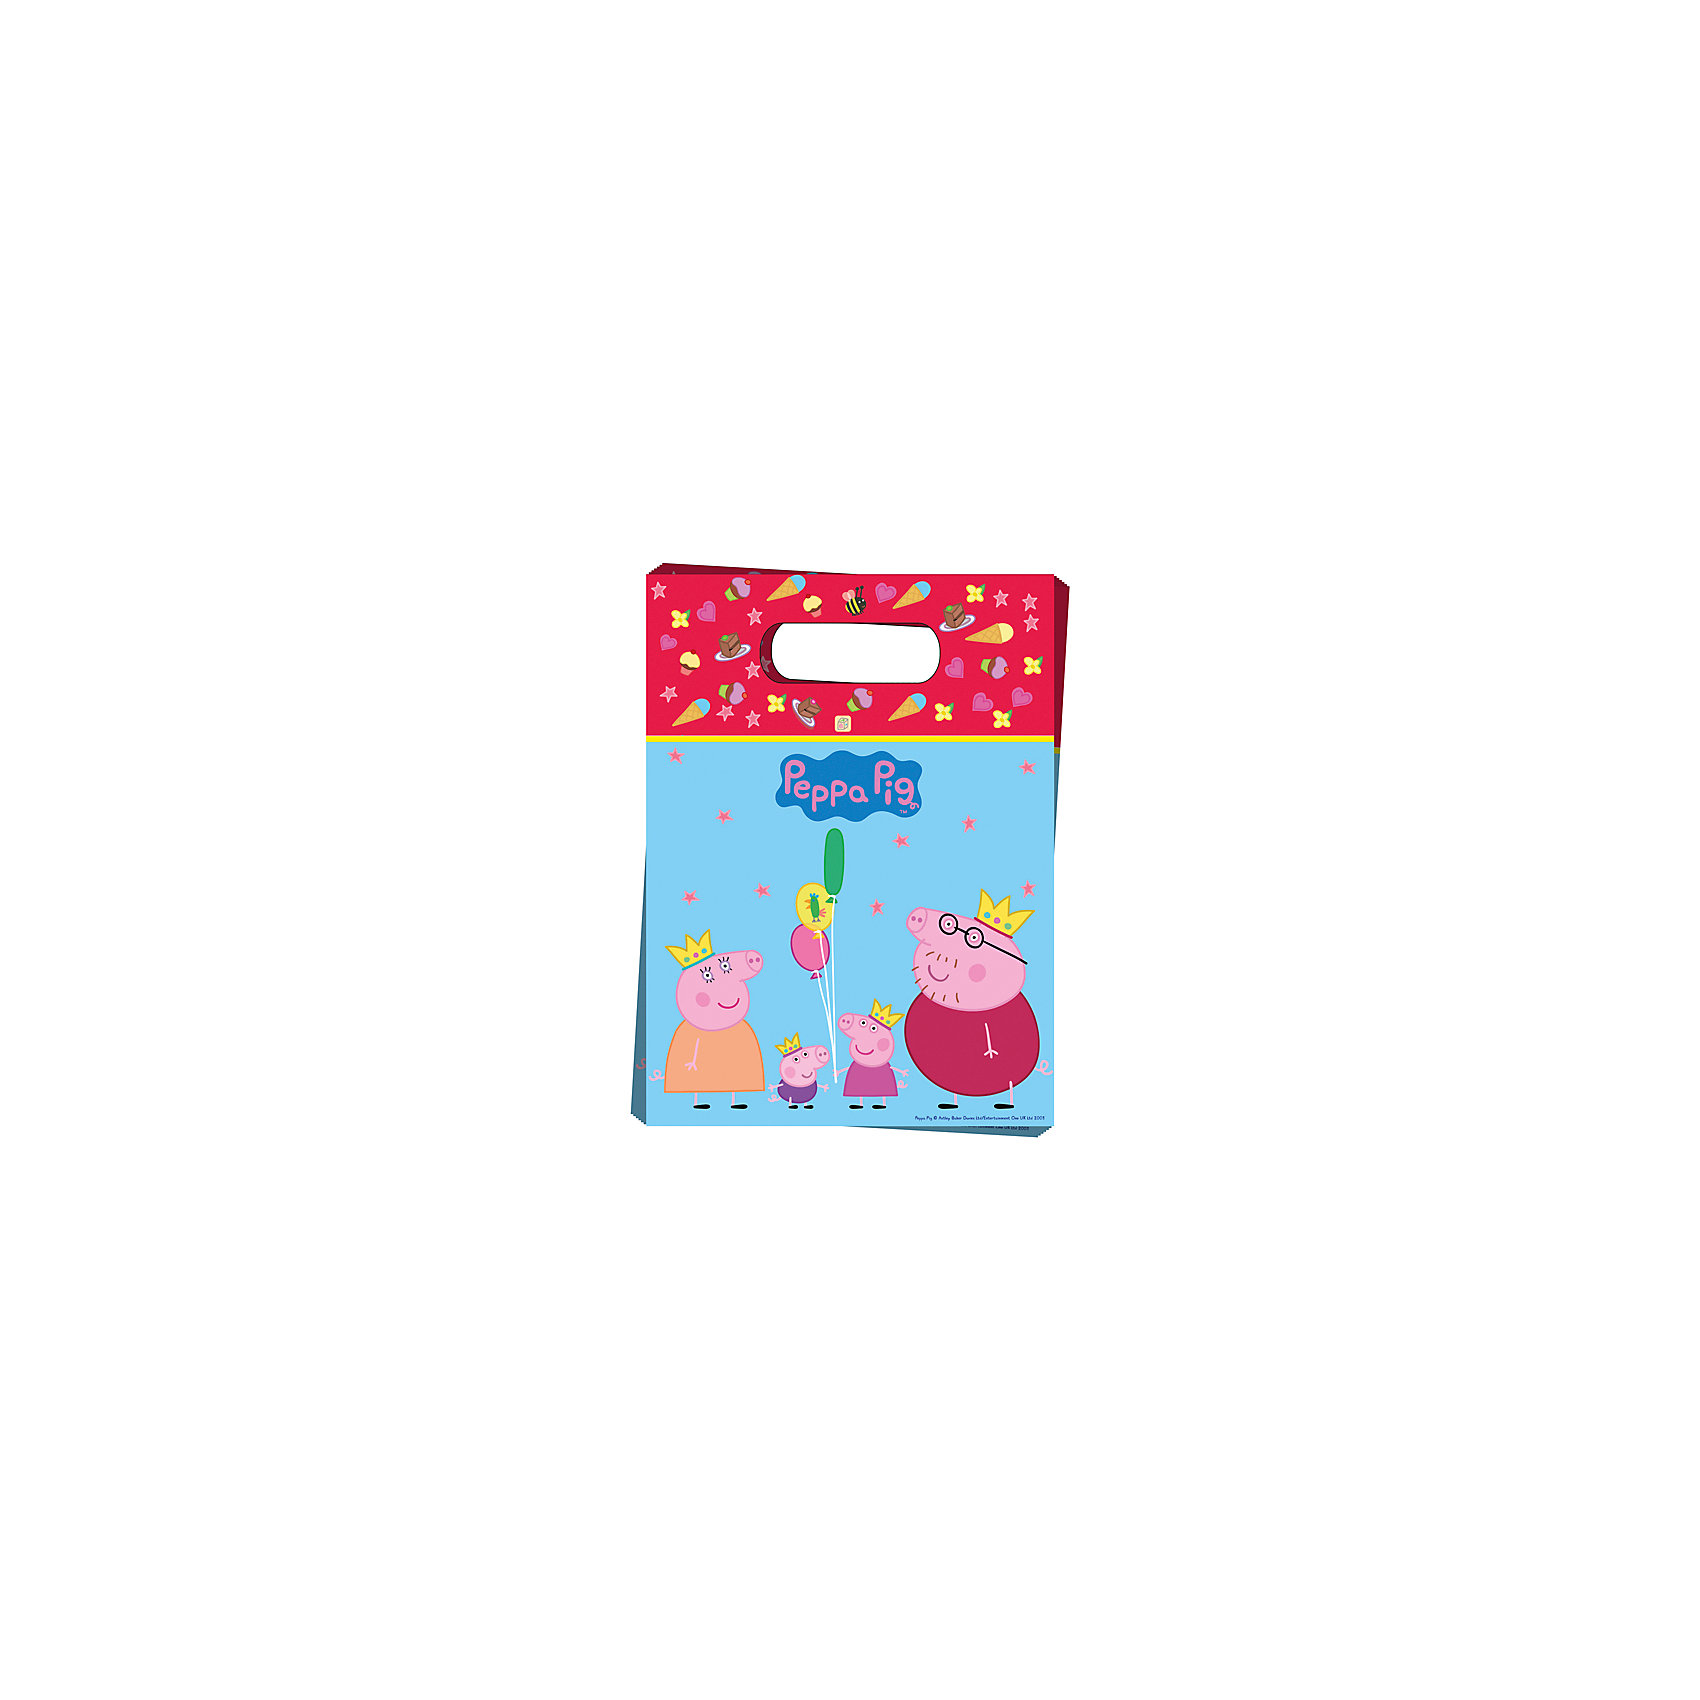 Росмэн Подарочный пакет Пеппа - Принцесса (6 шт) подарочные пакеты даринчи набор подарочных пакетов девушка